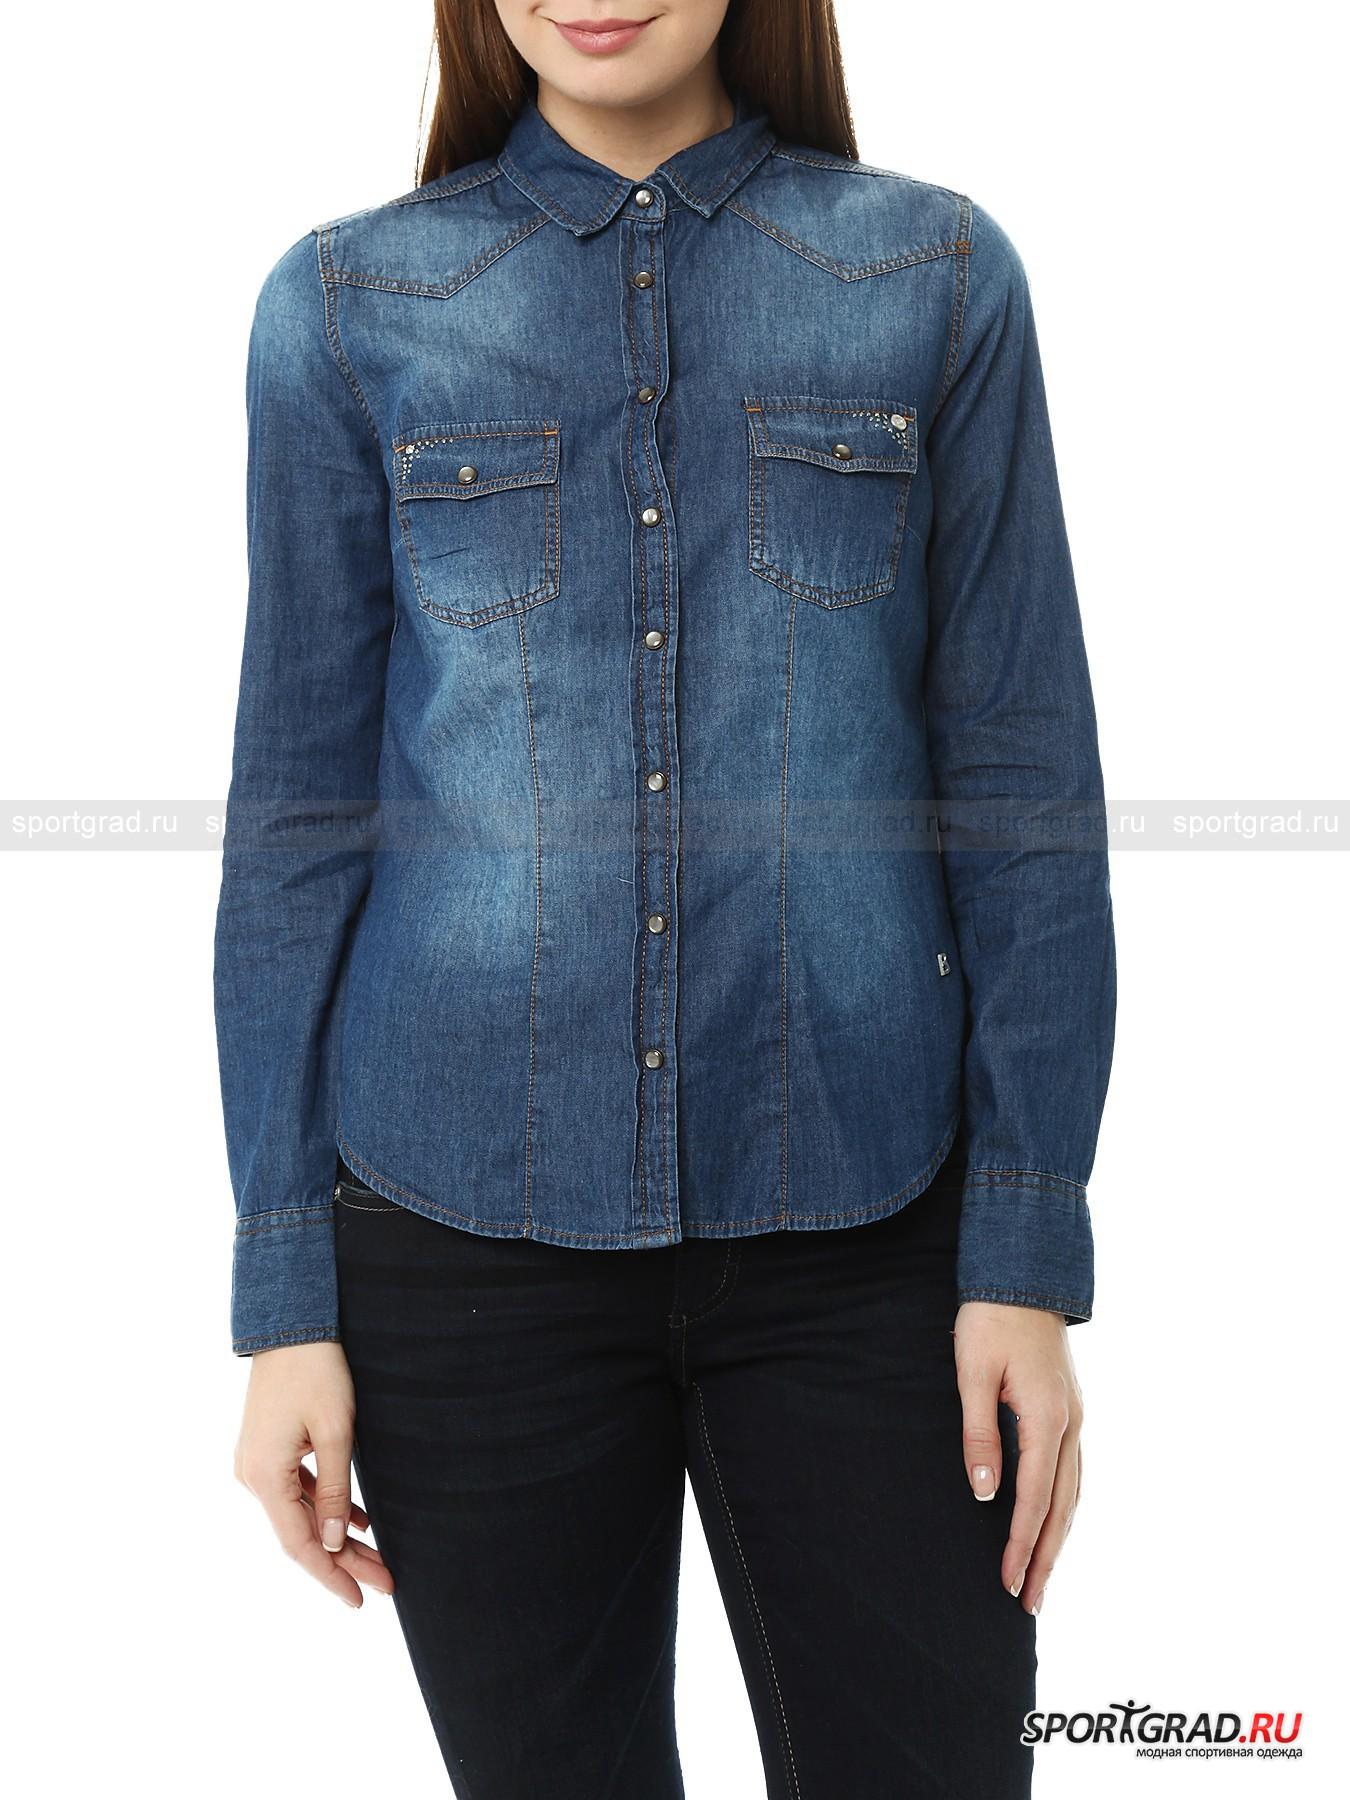 Рубашка женская джинсовая Denim Blouse BOGNER JEANS